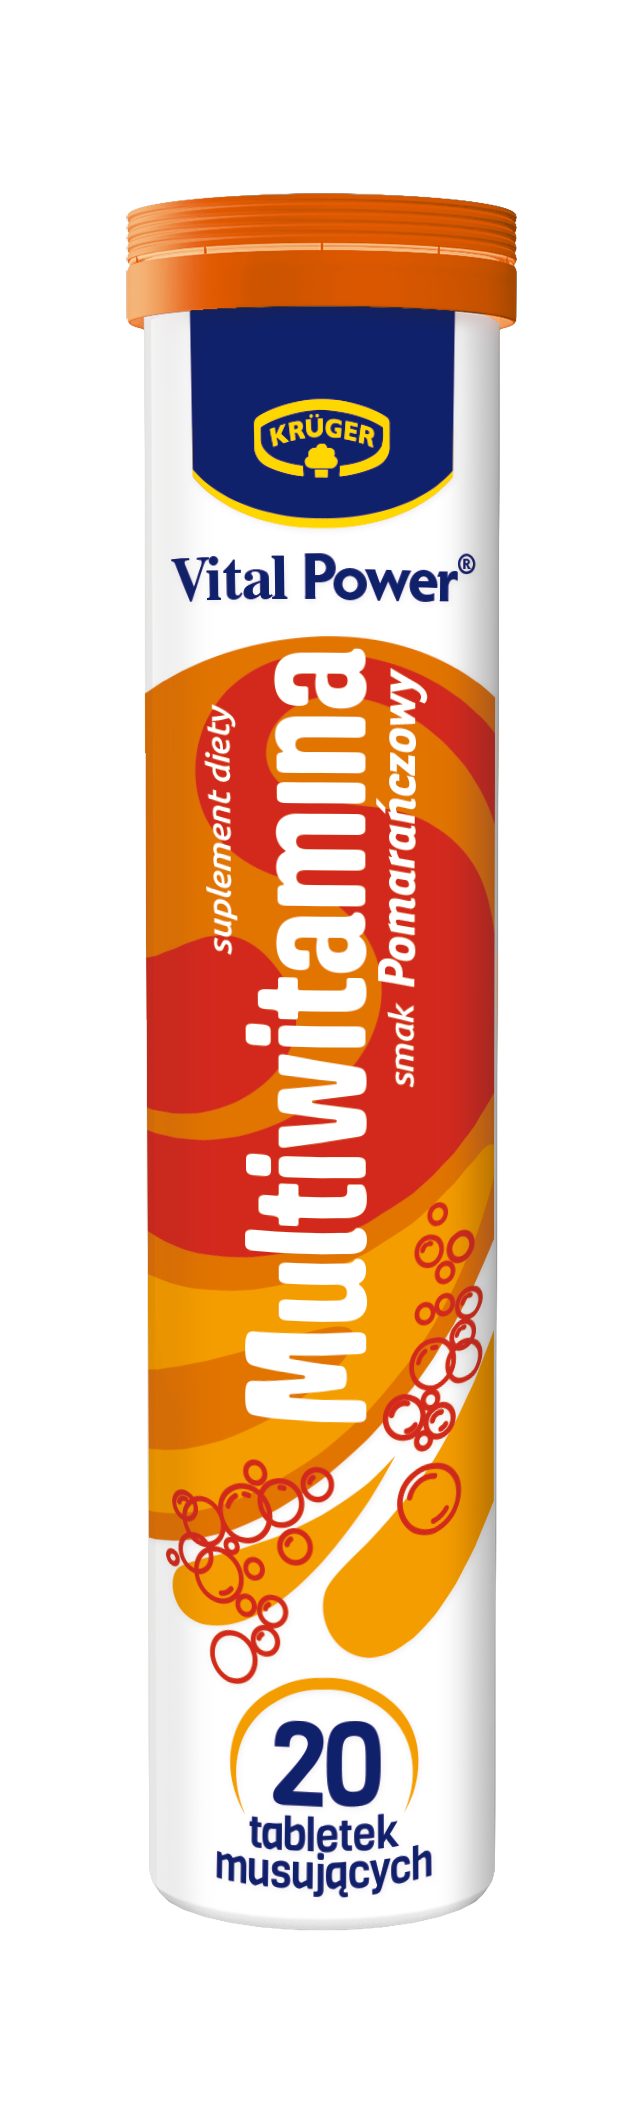 Krüger Multiwitamina Suplement diety. Tabletki musujące o smaku pomarańczowym